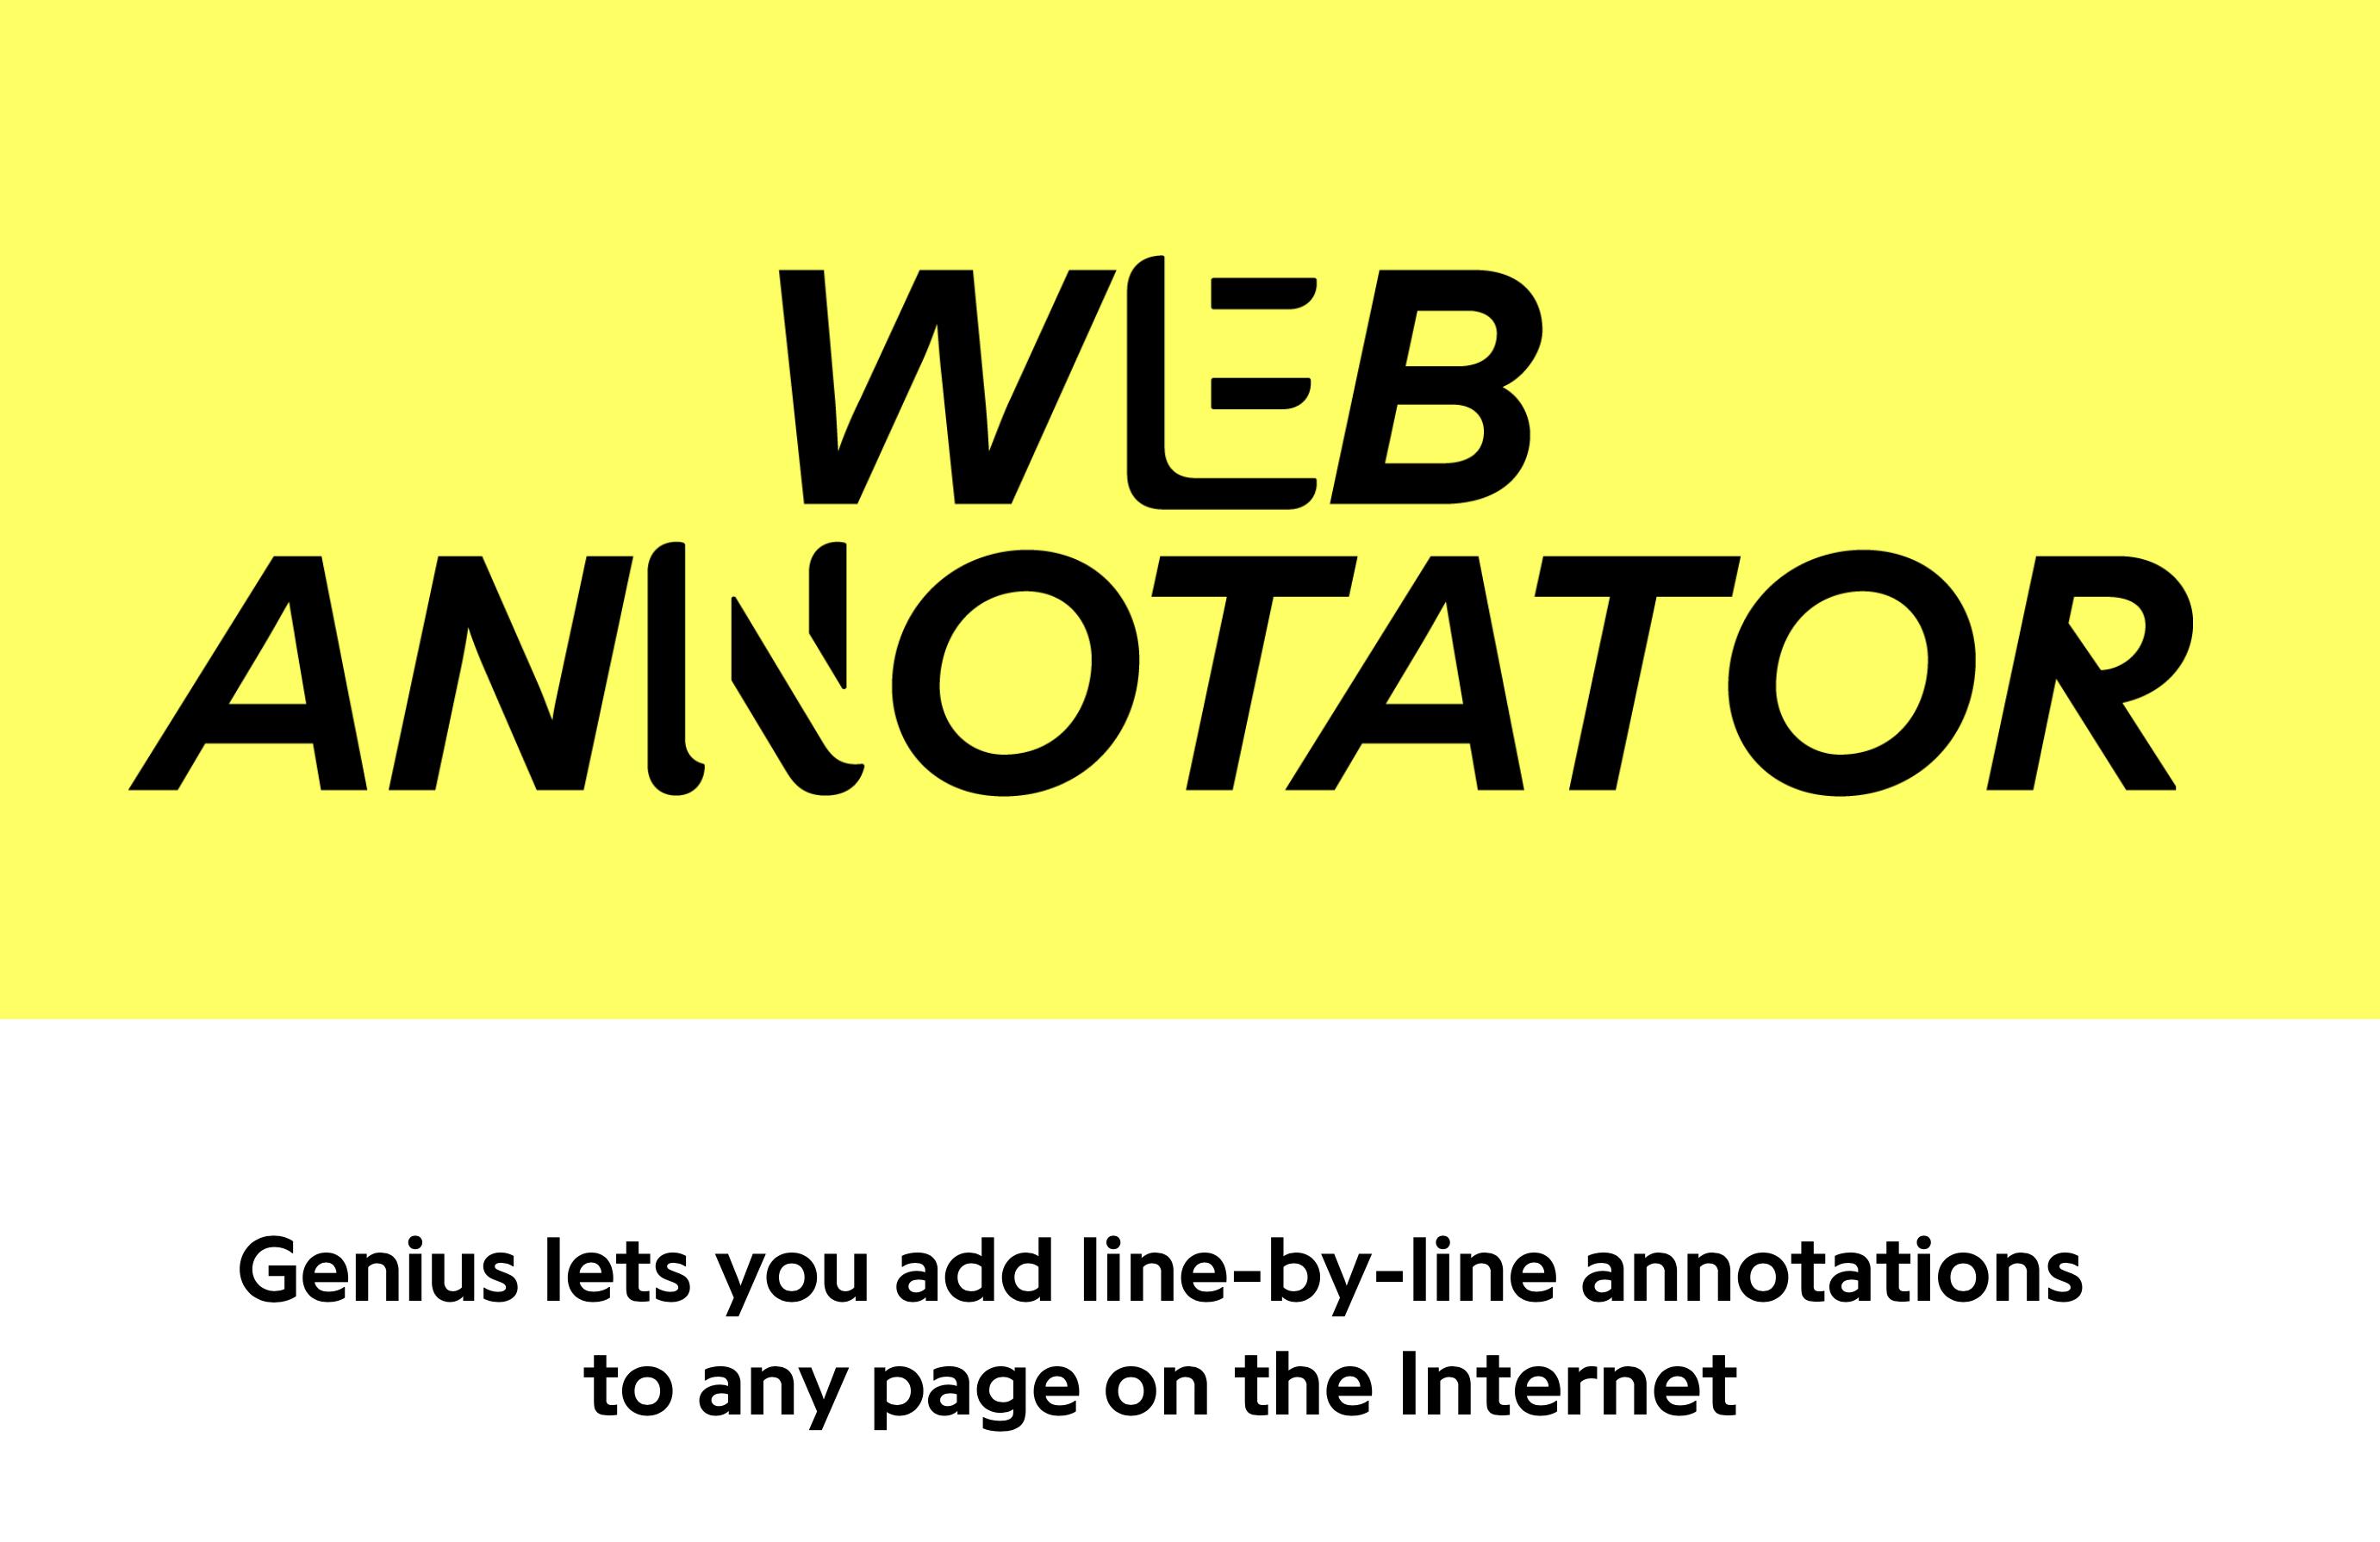 自分のBlogにMediumみたいなアノテーションつけたい!と思ったので付けてみた。:Genius web-annotator